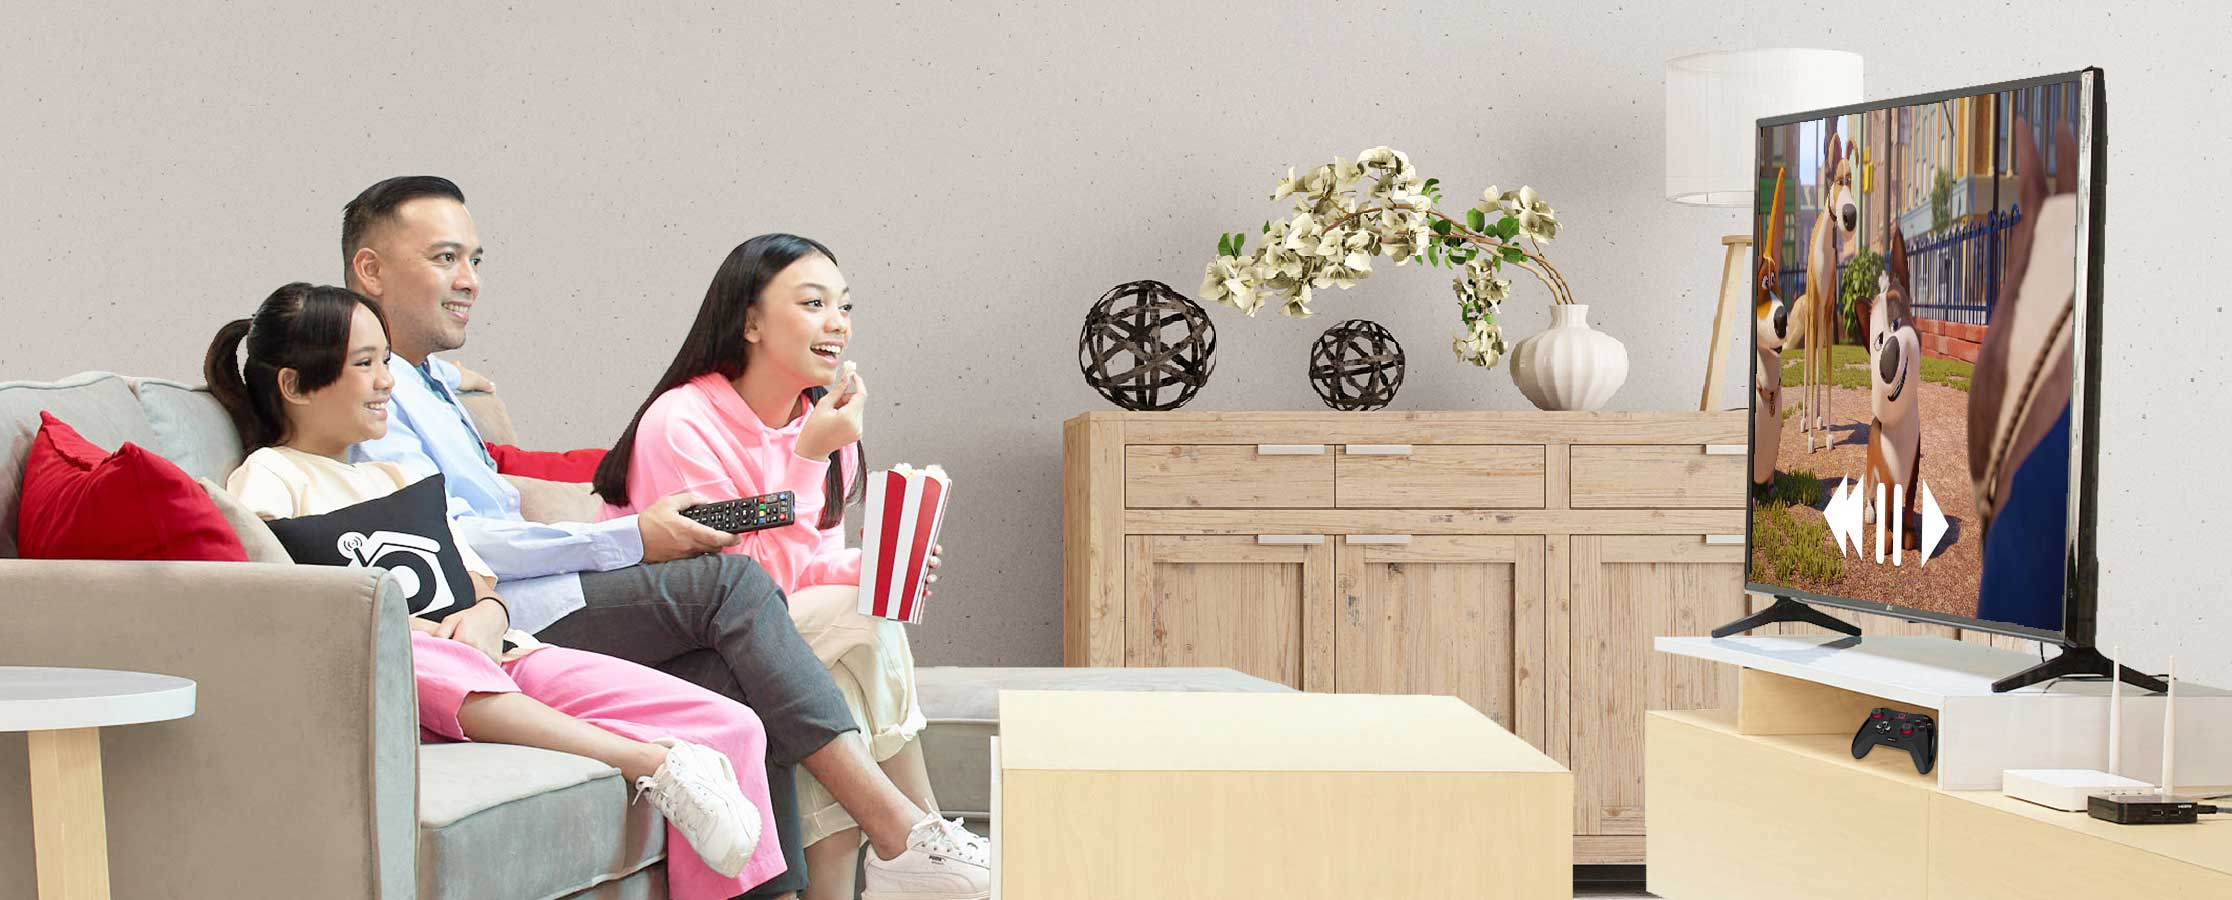 4 Alasan Mengapa Anda Dan Keluarga Wajib Berlangganan Tv Interaktif Yang Dihadirkan Oleh Indihome Indihome